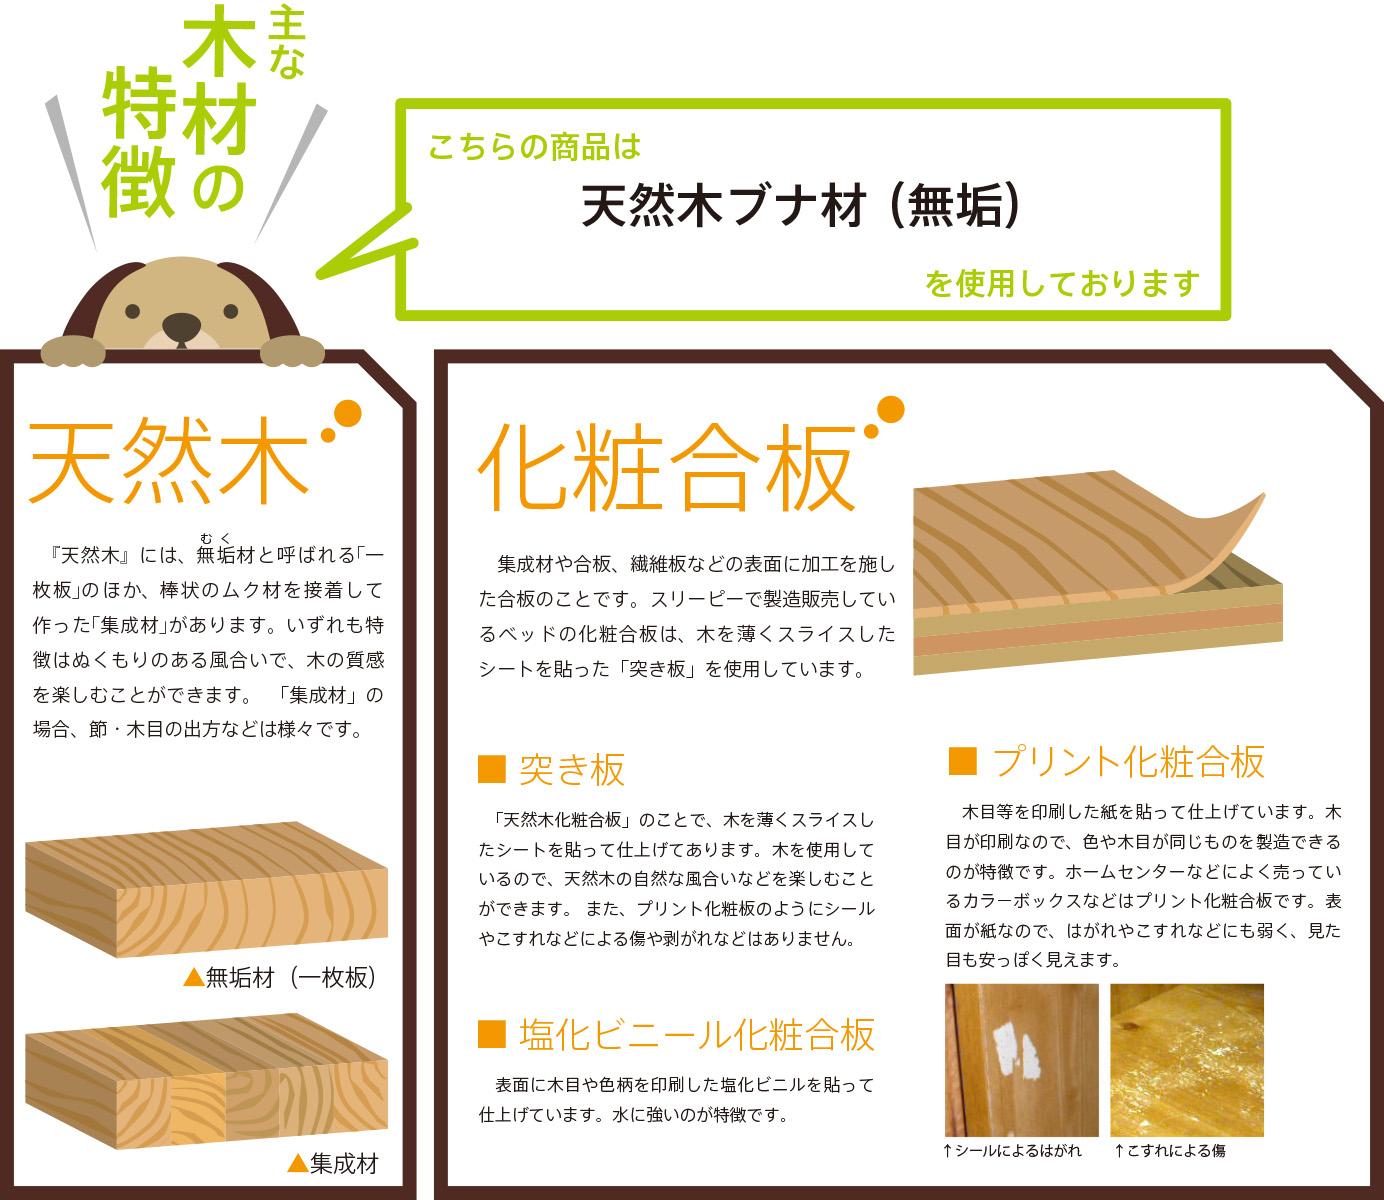 「木製ワンタッチペットサークル用 屋根(Lサイズ)」